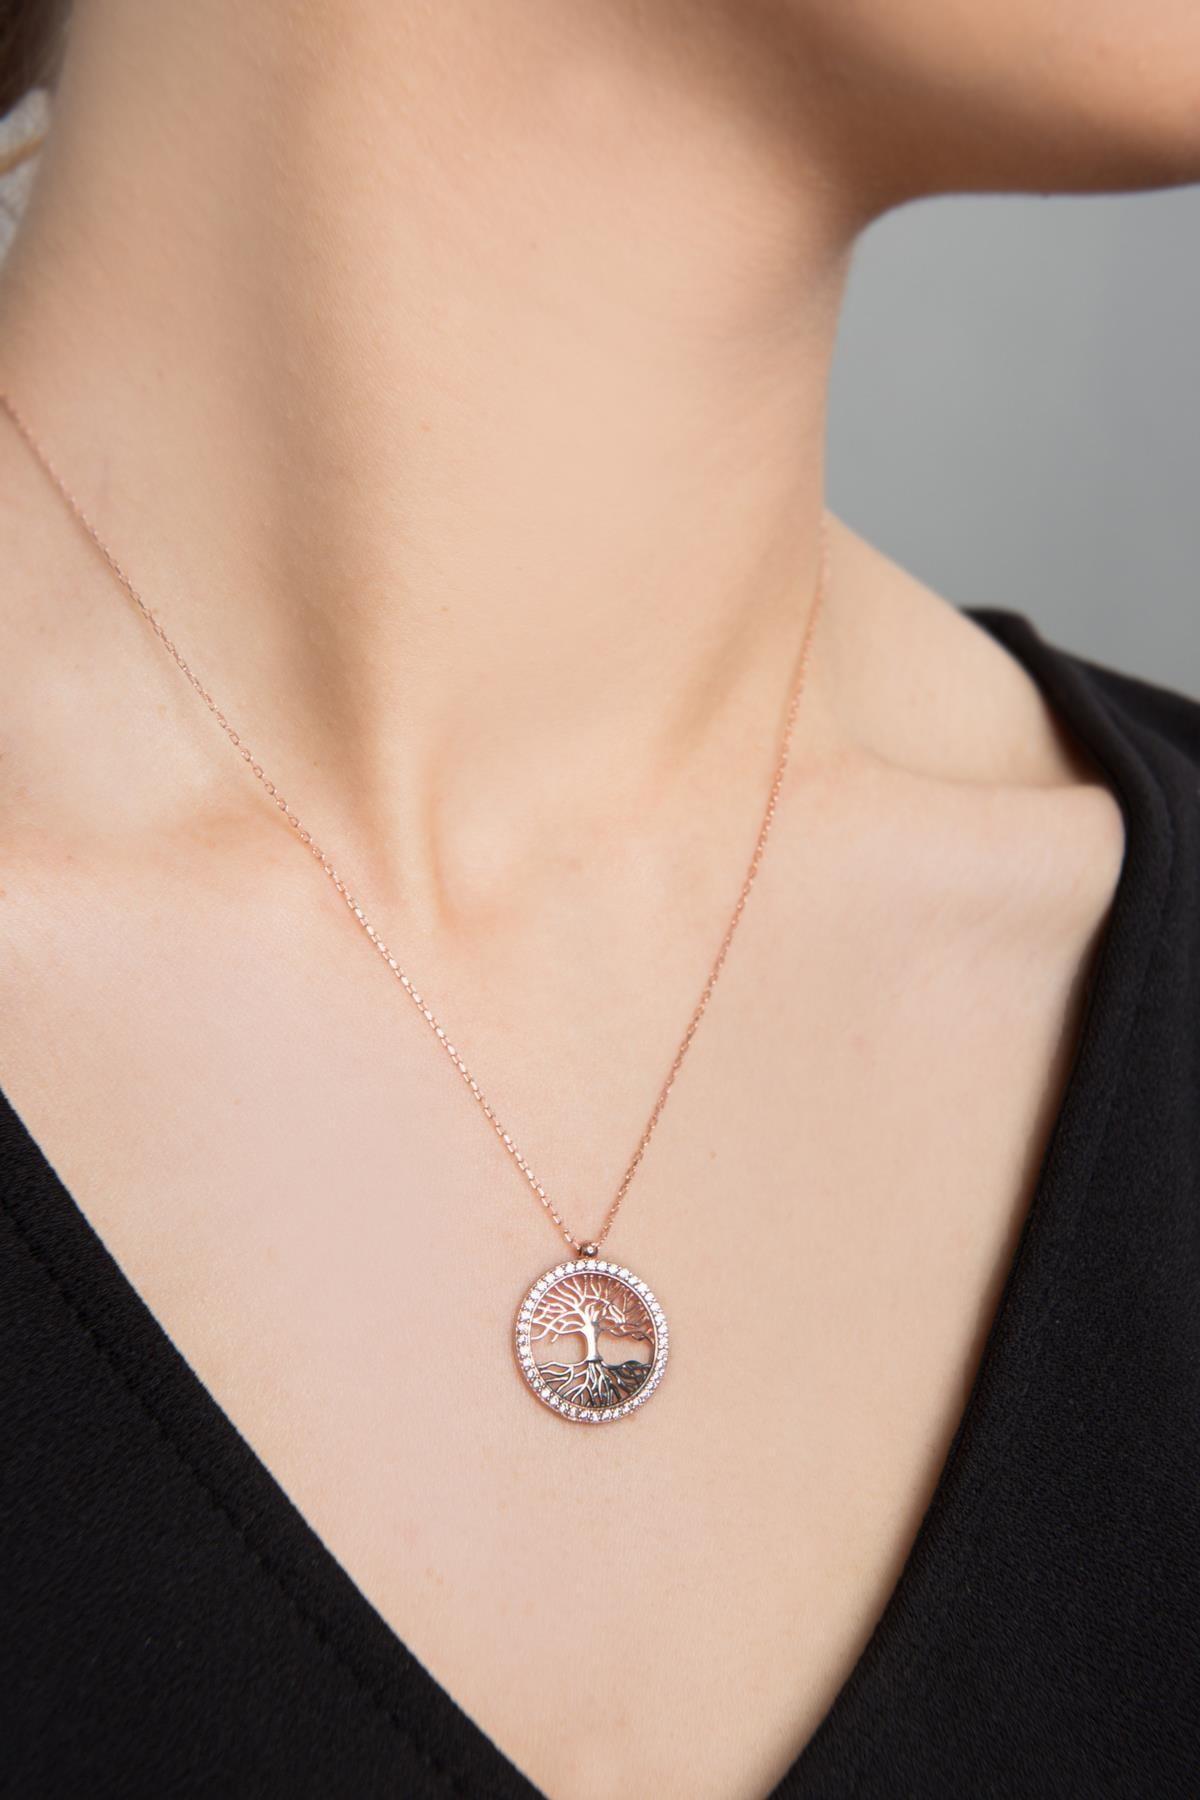 Elika Silver Kadın Hayat Ağacı Model 925 Ayar Gümüş Kolye PP2345 1